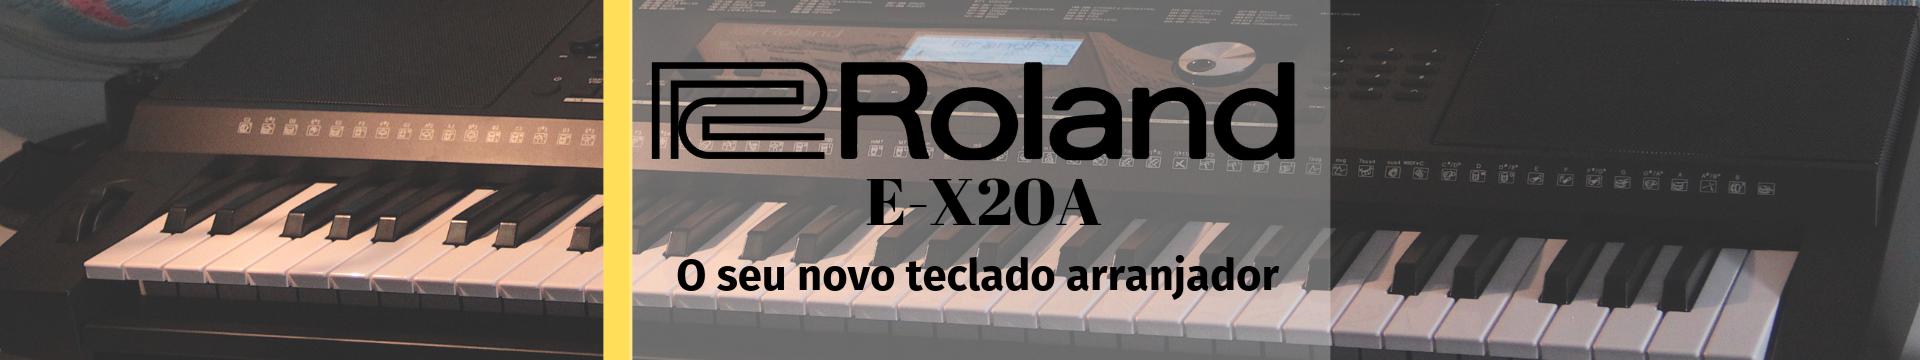 Roland E X20A